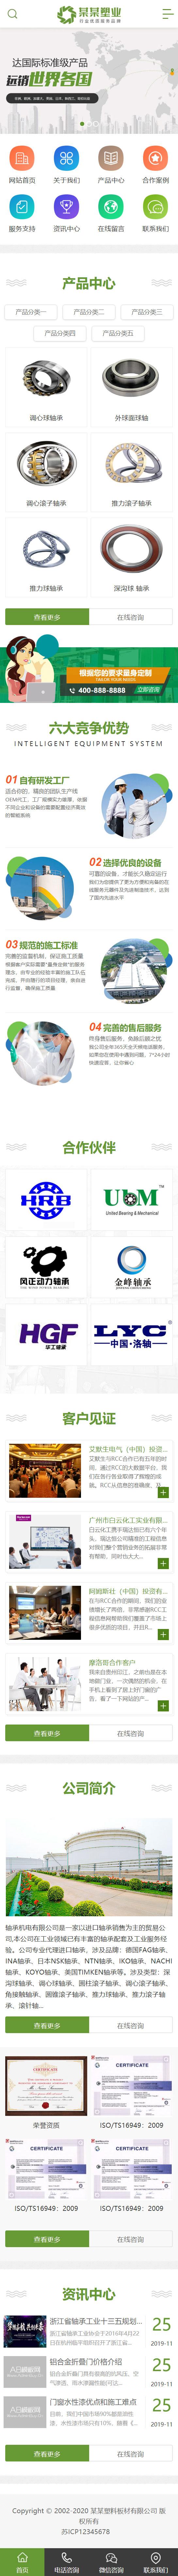 爱上源码网文章织梦dedecms绿色营销型五金塑料板材企业网站模板(带手机移动端)的内容插图1